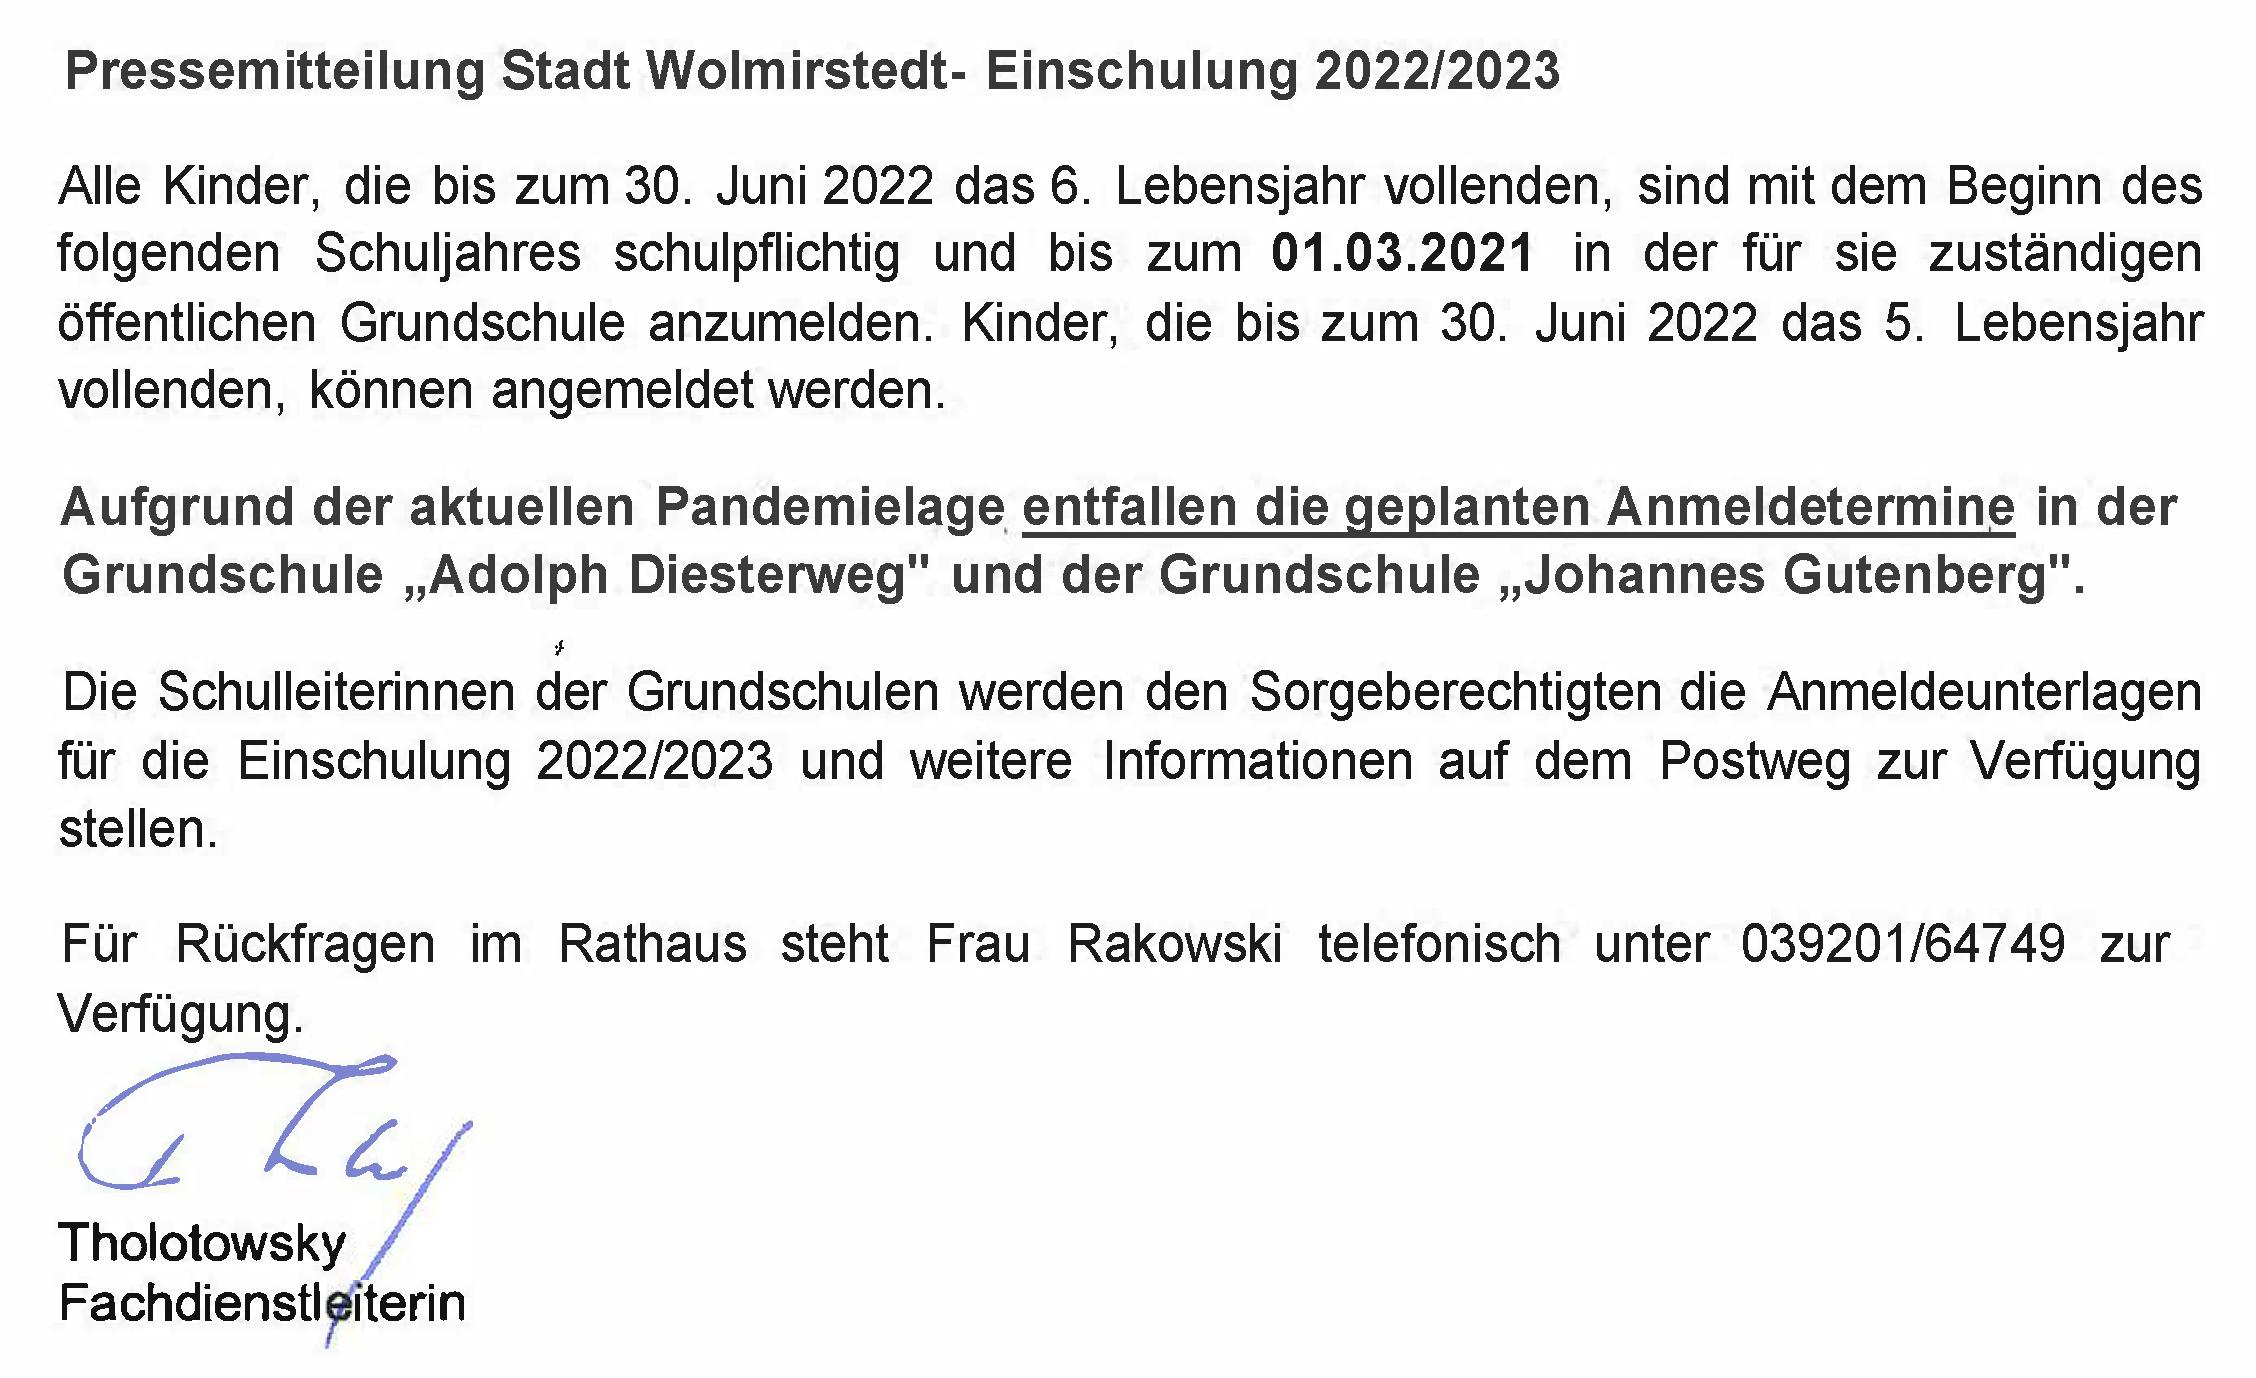 Pressemitteilung Einschulung 2022/23